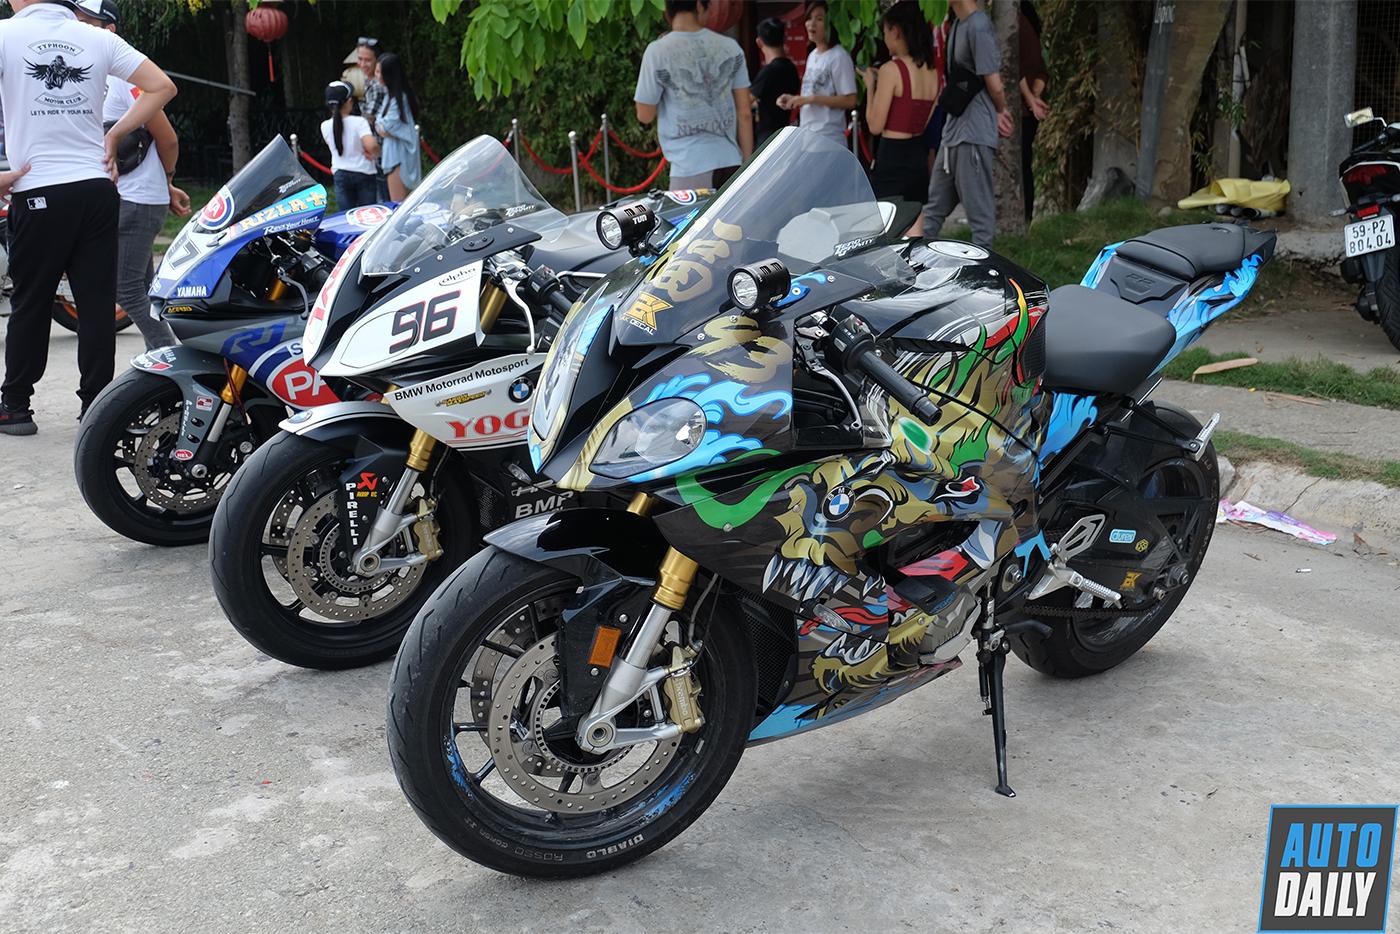 Đại hội môtô việt nam lần thứ 2 quy tụ hàng nghìn biker sắp diễn ra - Hình 2